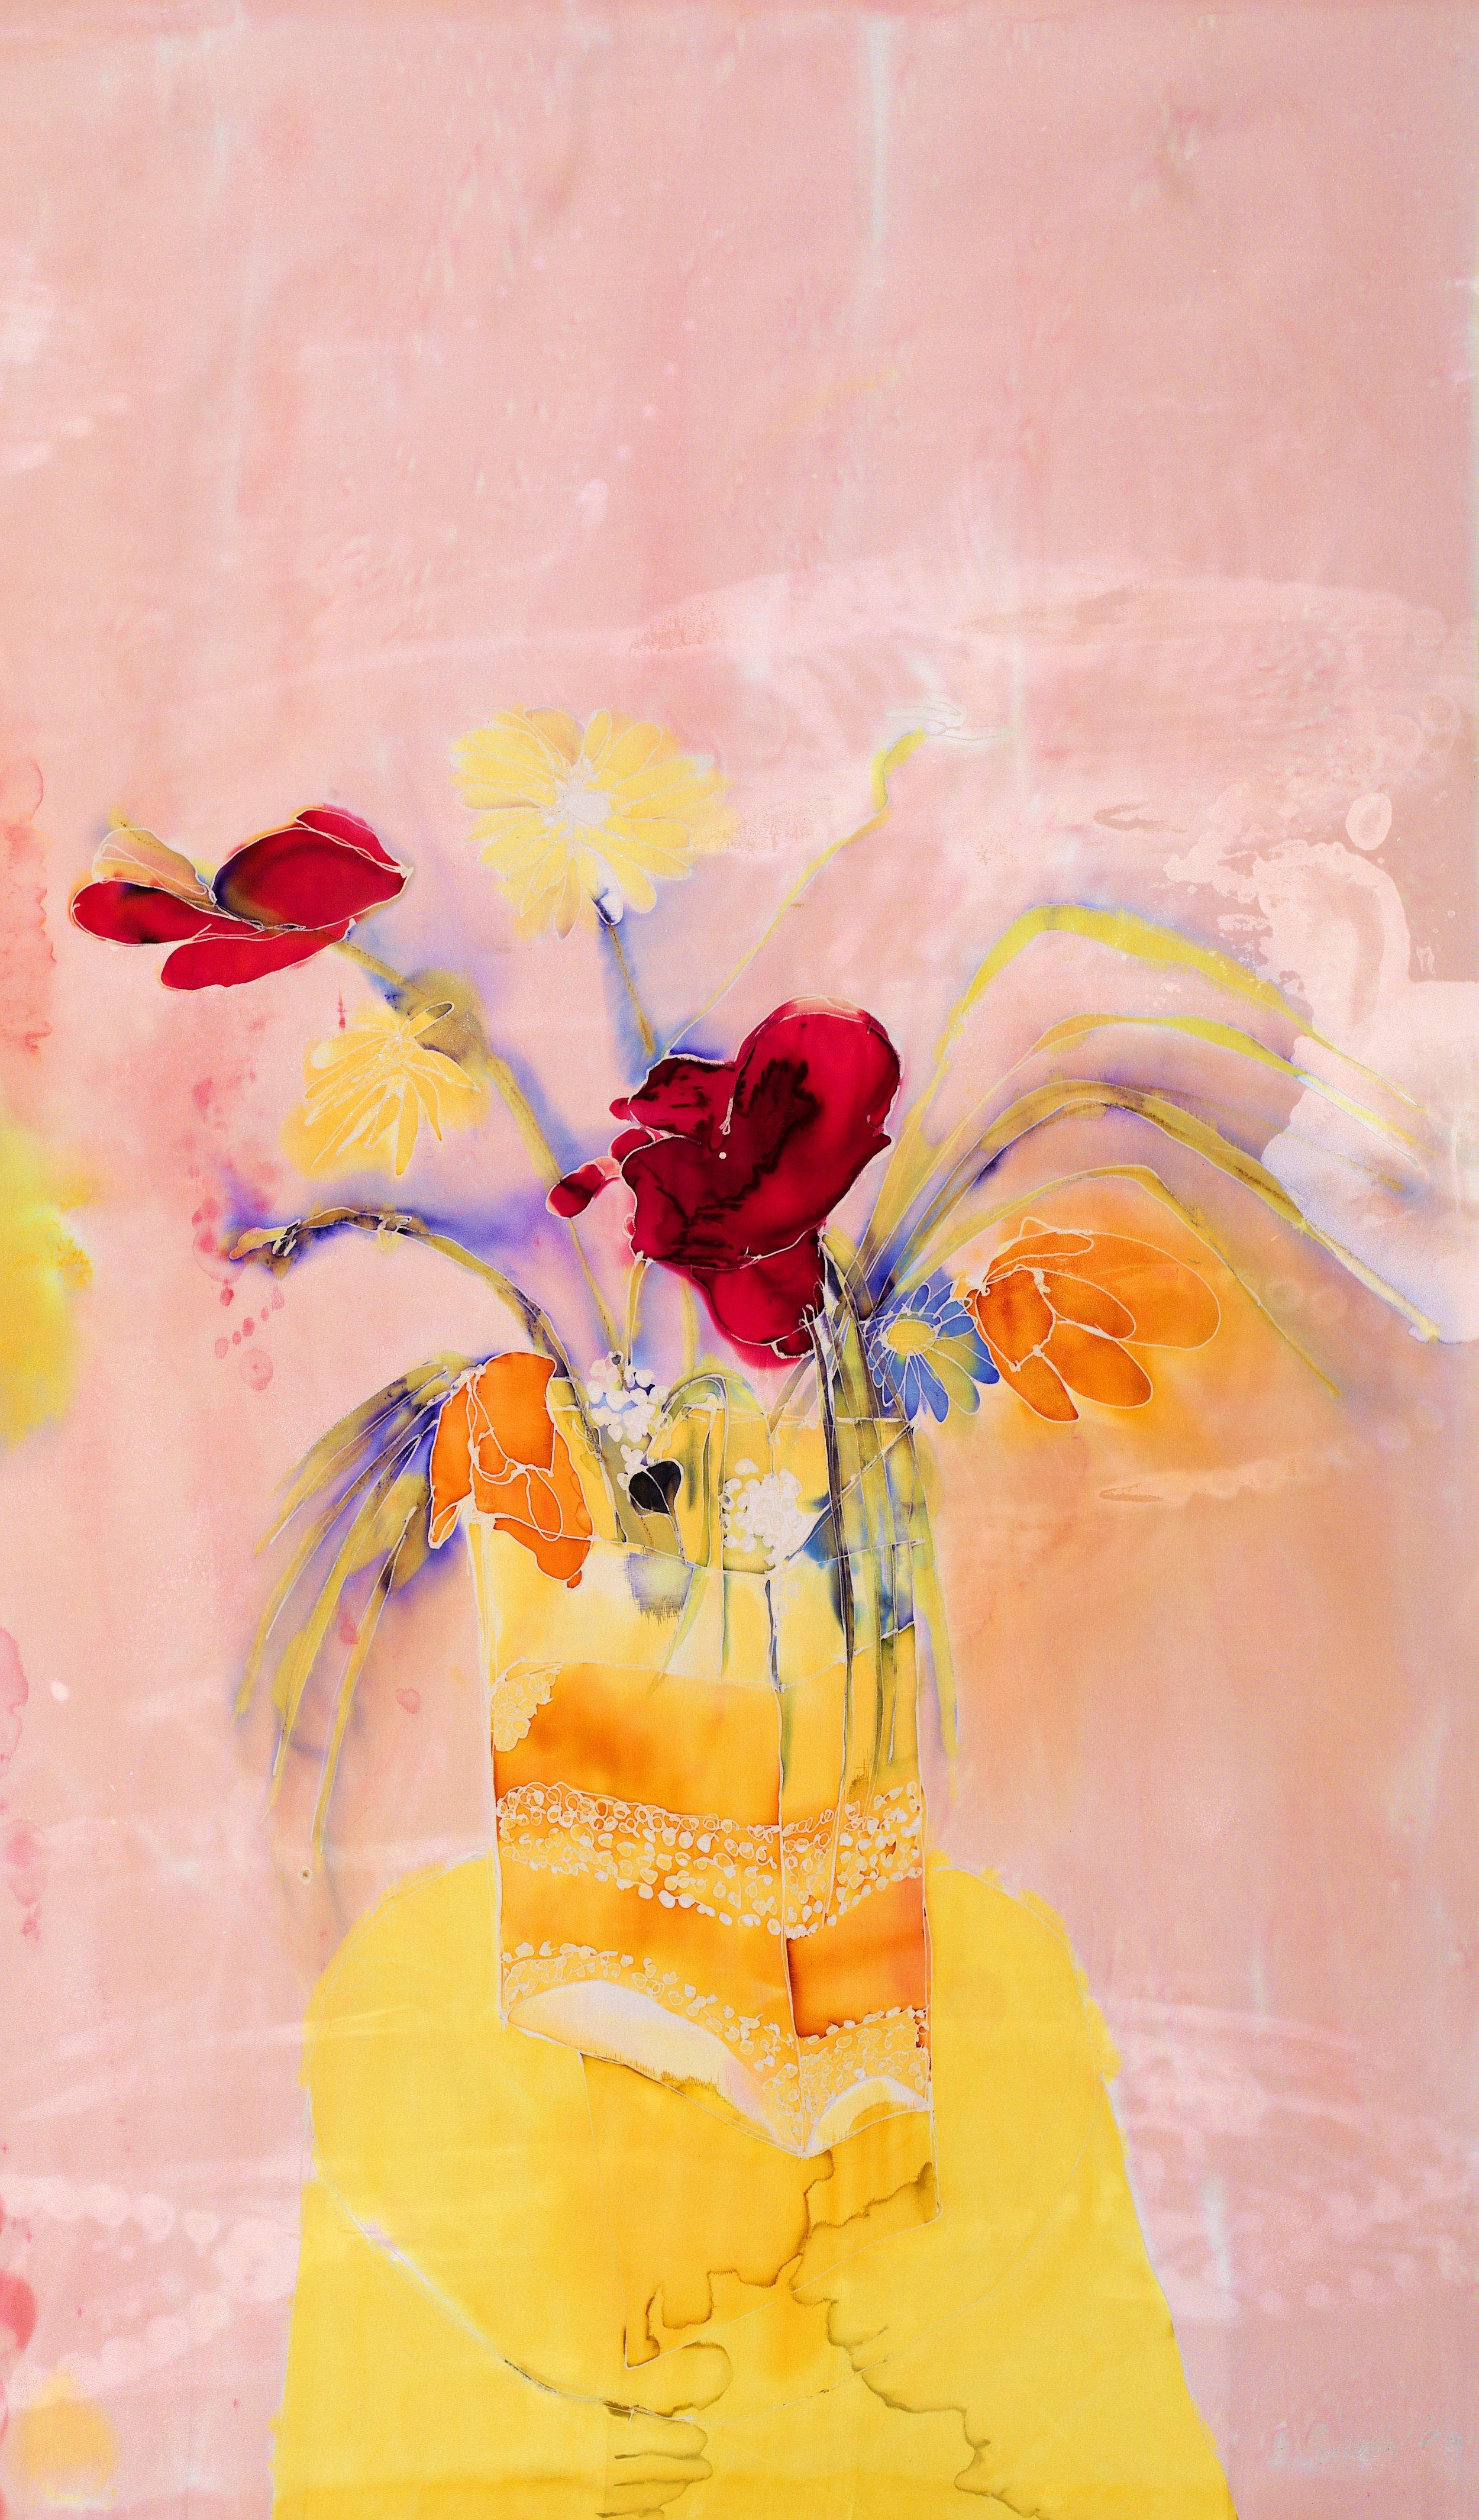 Sik Parisienne, 35x45 in,900.00 Framed 2010 001.JPG